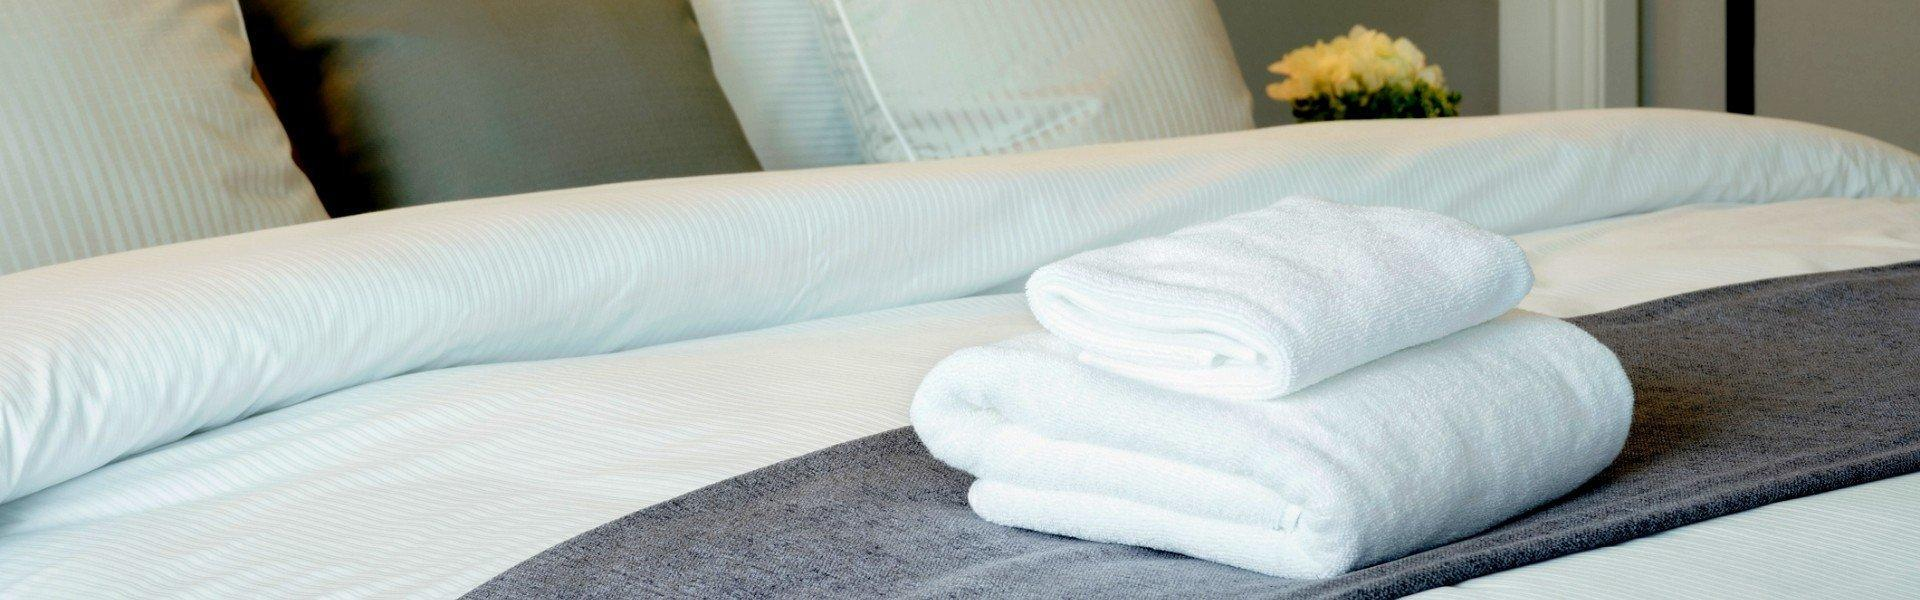 Zestaw ręczników leżący na łóżku